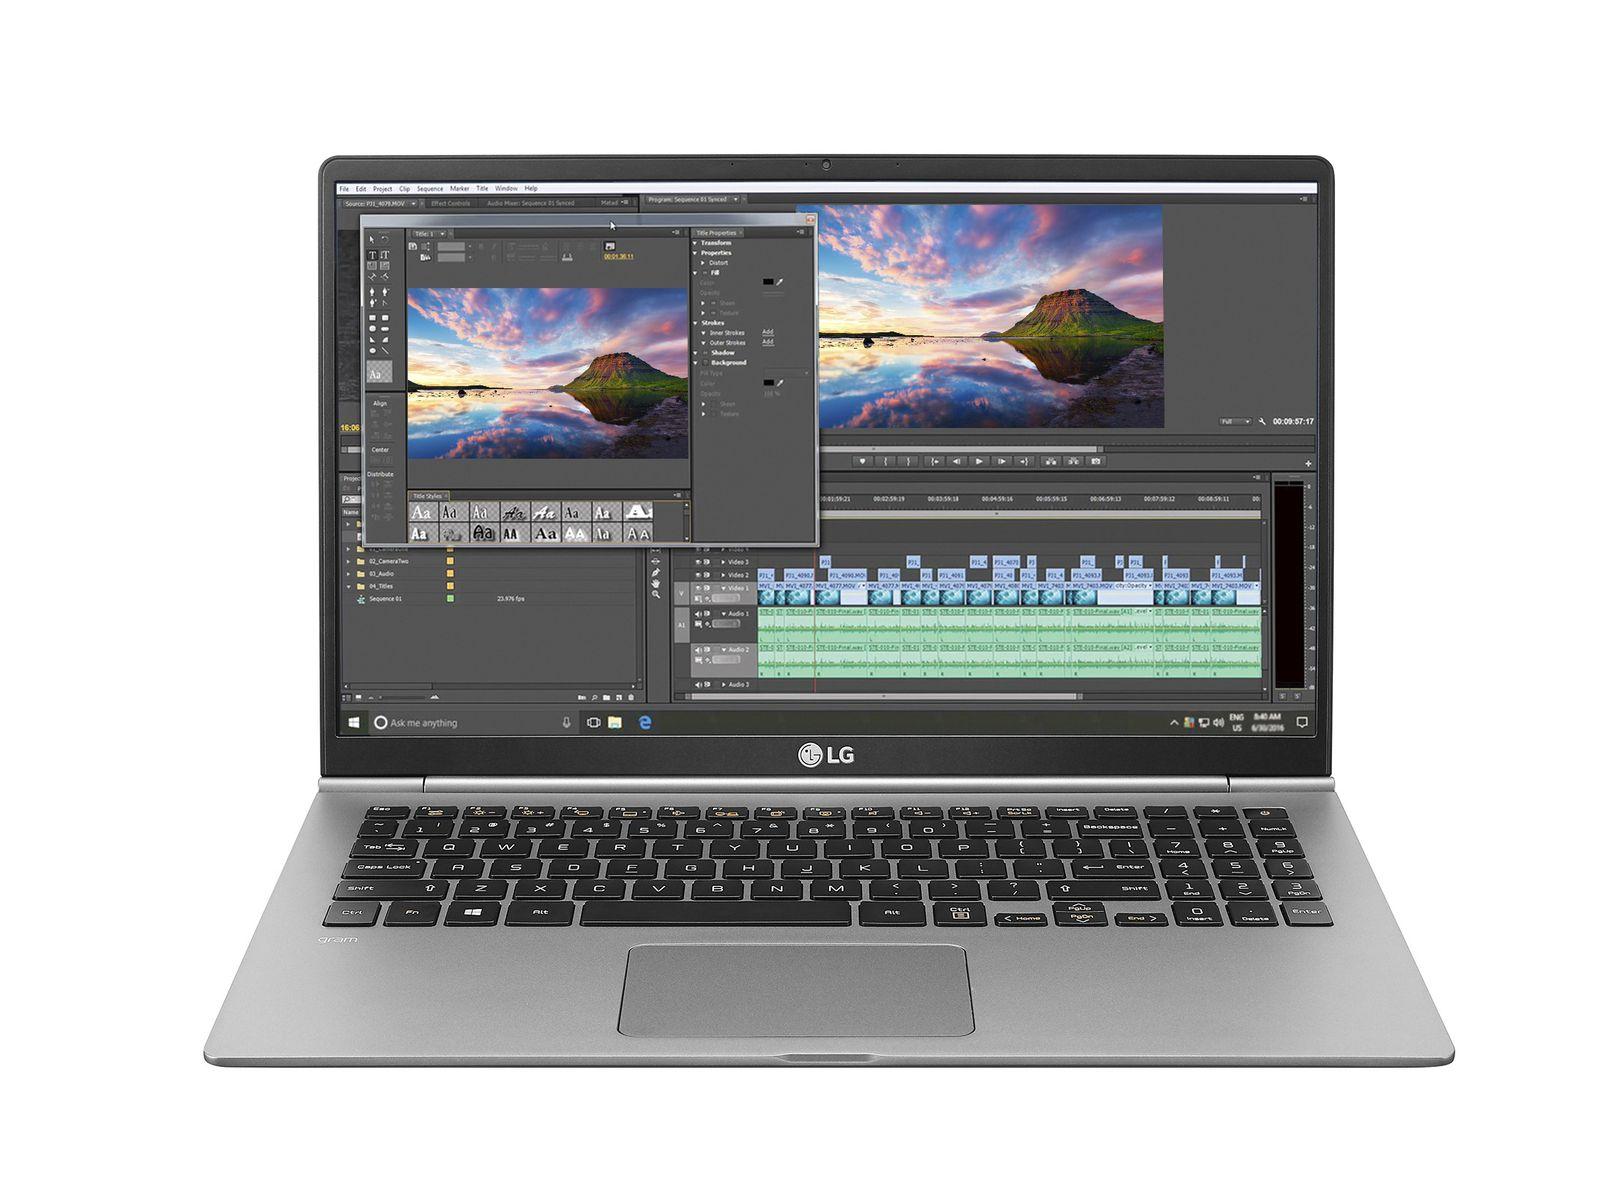 LG Gram 2018 : ils promettent 22,5 heures d'autonomie sur cet ordinateur portable